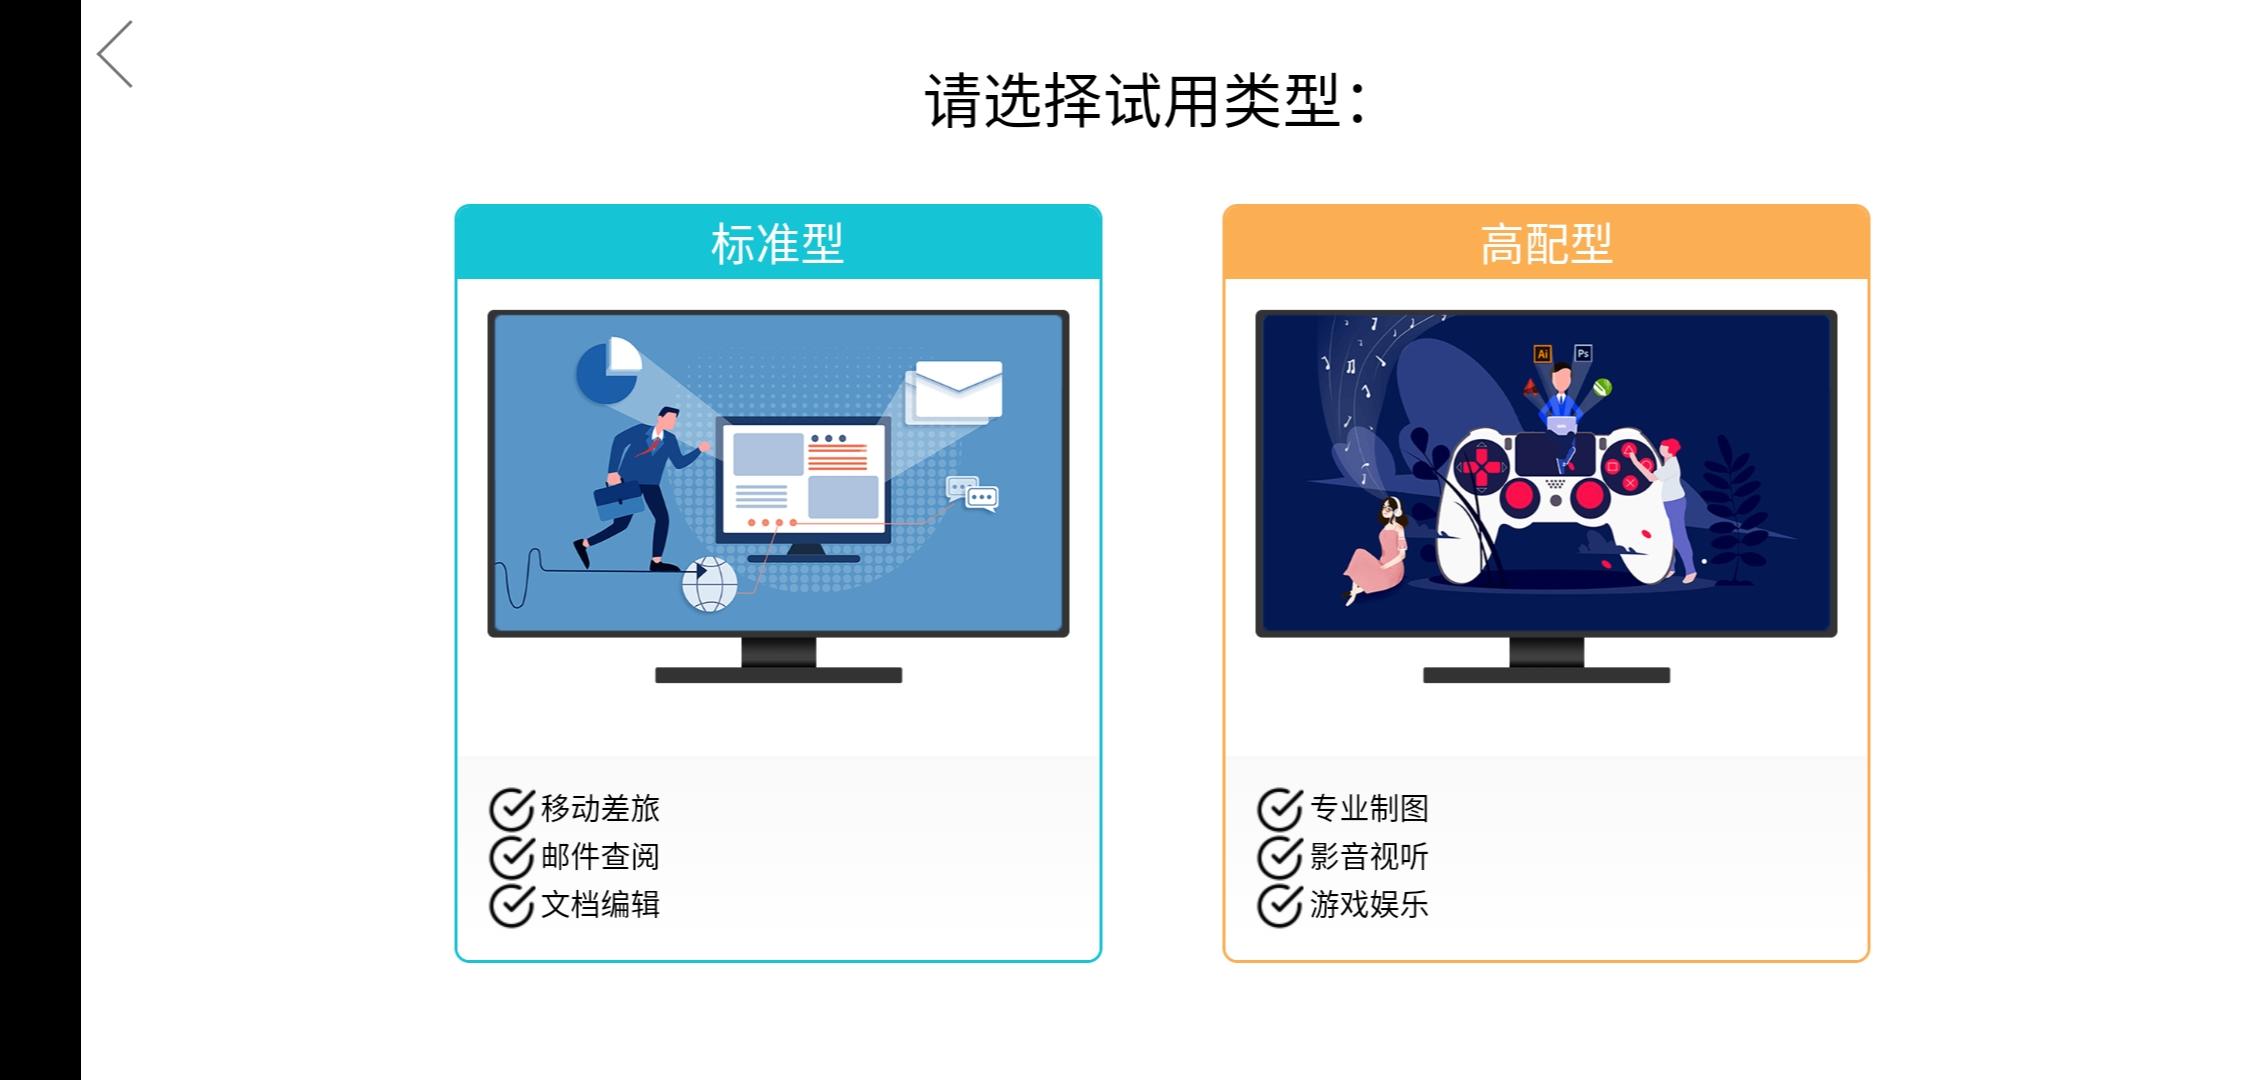 Screenshot_20181209_112459_com.huawei.cloud.jpg